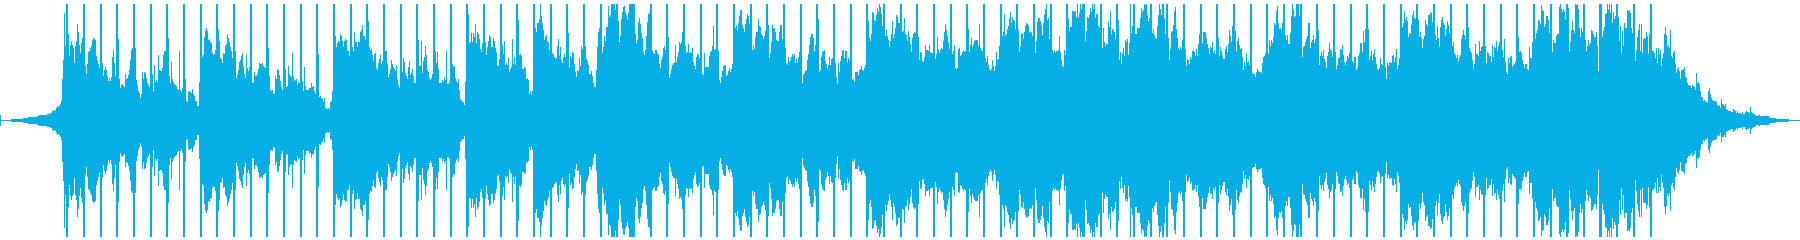 爽やかポップ、60秒ジングルの再生済みの波形